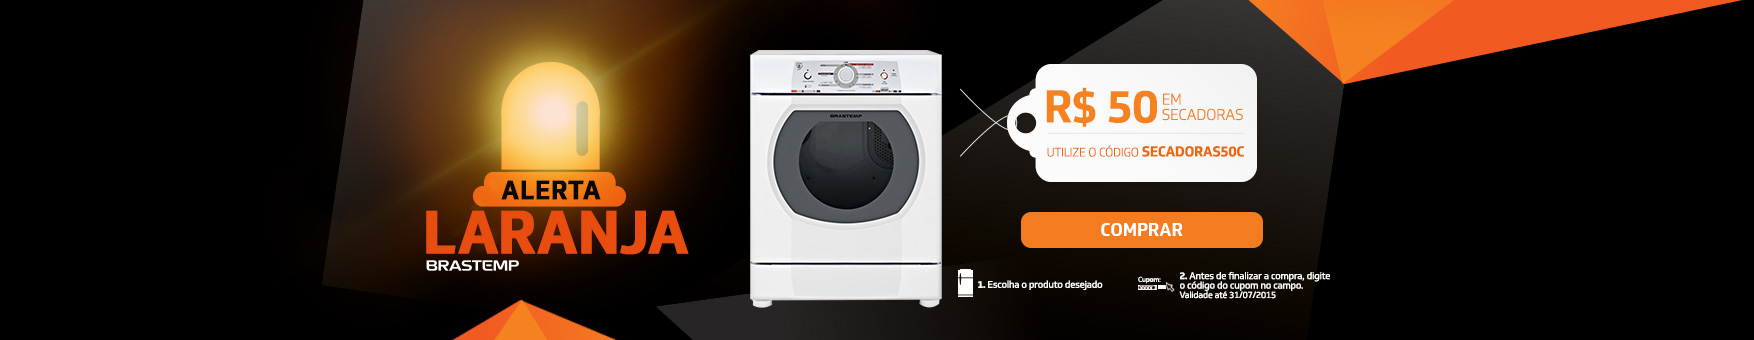 Promoção Interna - 140 - alertalaranja_secadoras_home_27072015 - secadoras - 4